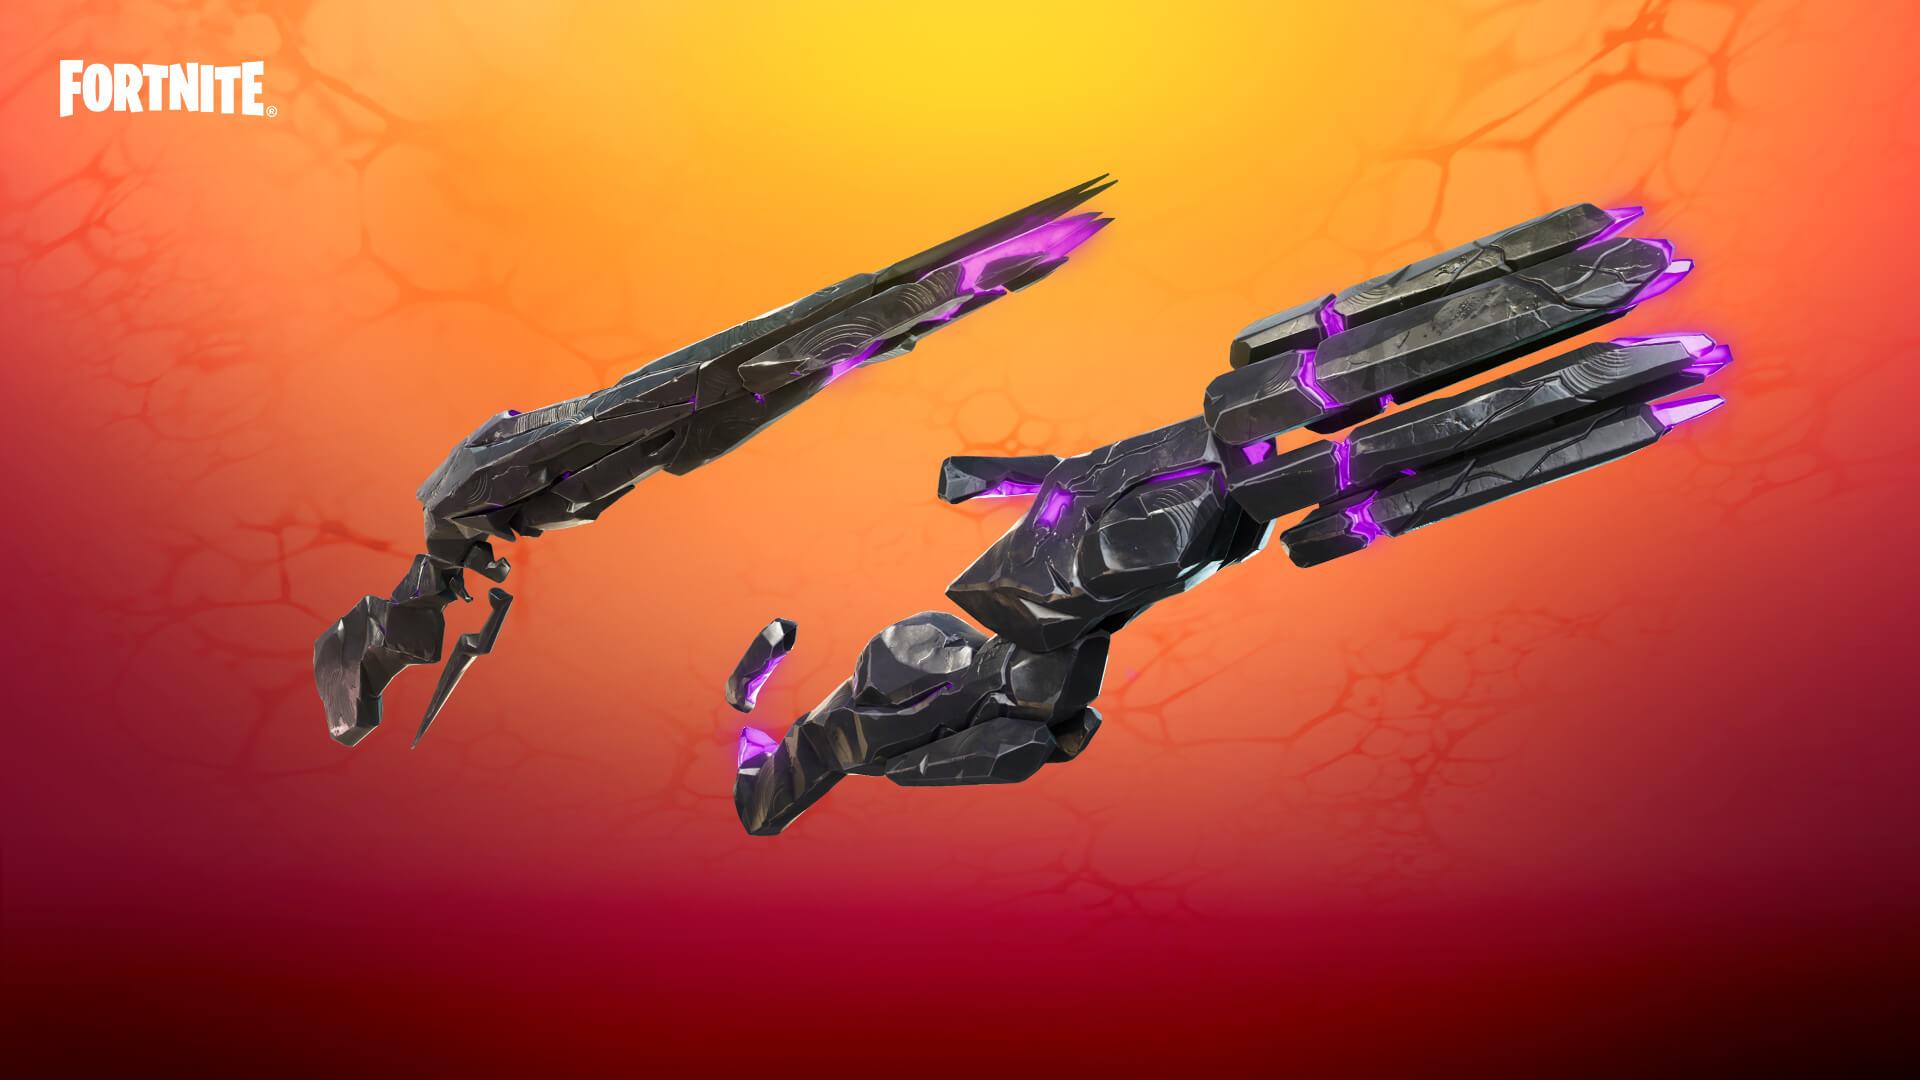 Fortnite Sideways Weapons Jpg